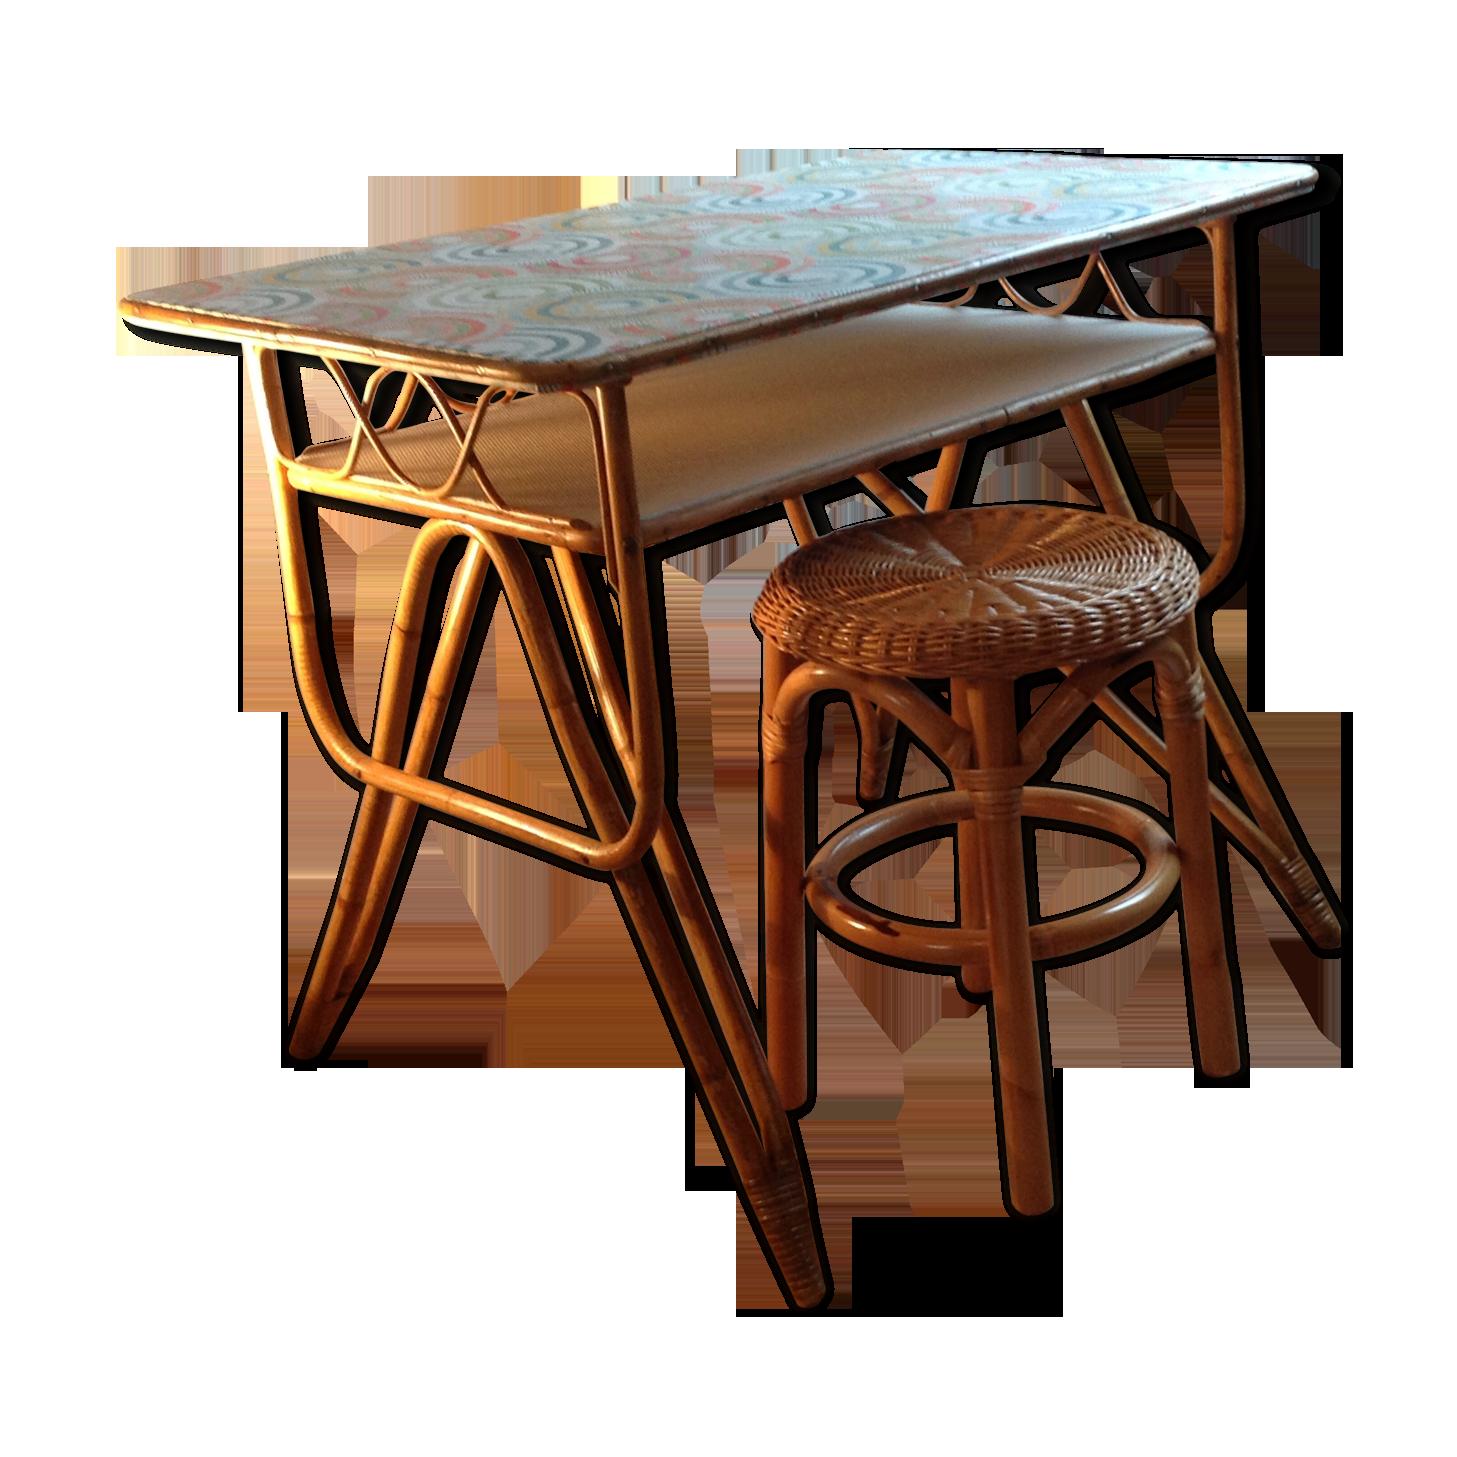 Bureau rotin osier relooké et son assise vintages rotin et osier